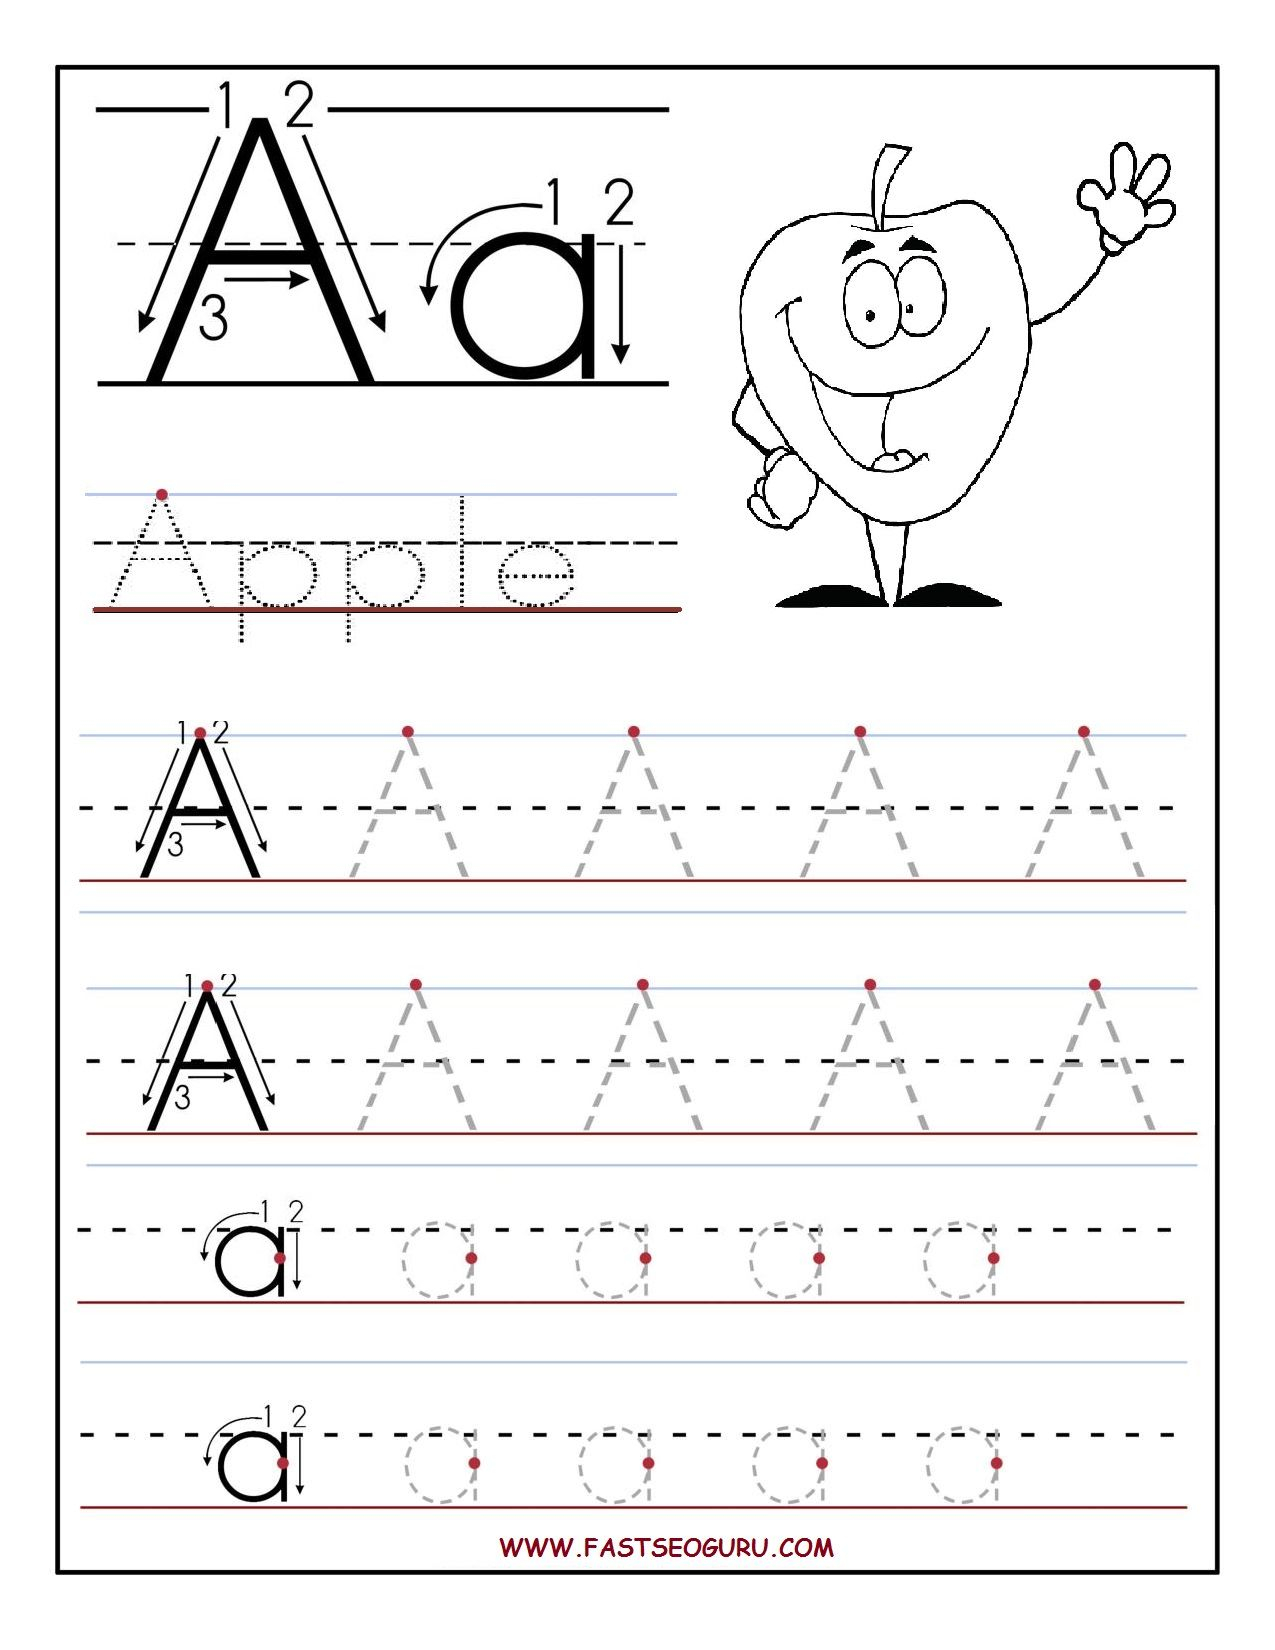 Free Printable Activities For Preschoolers | Alphabet